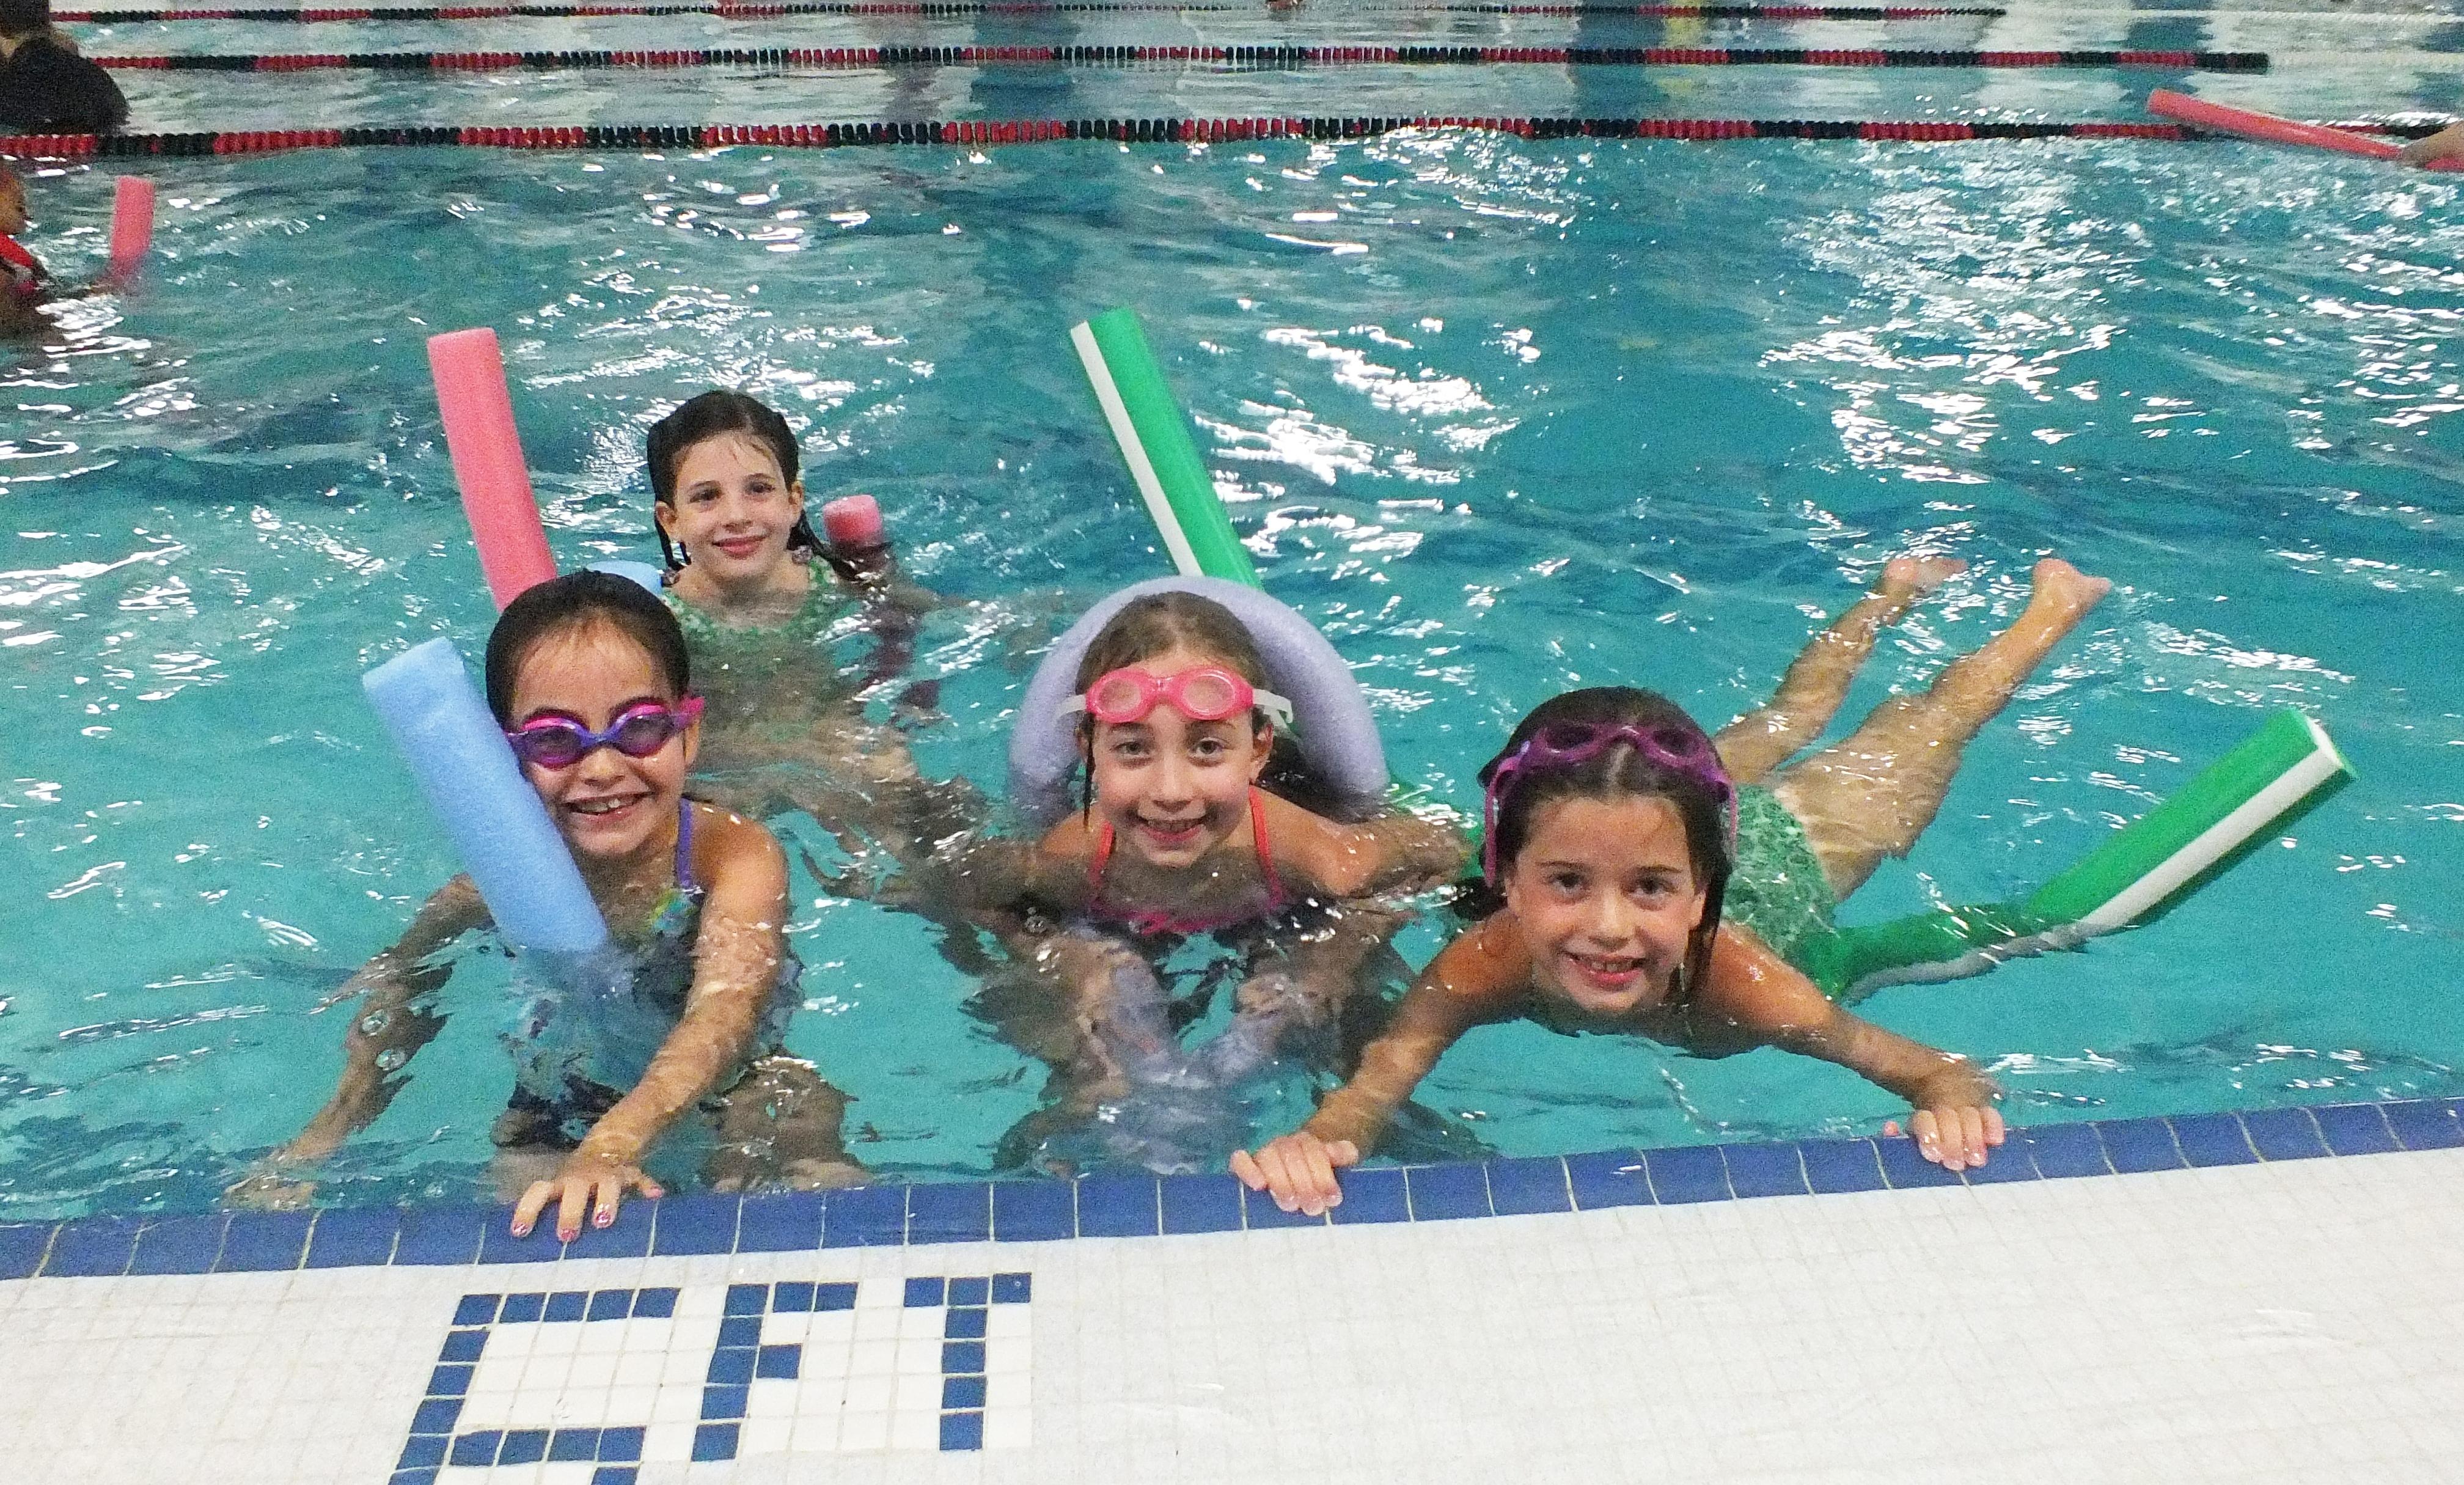 aecbf0c2a73abebf5cc4_freeswim.jpg